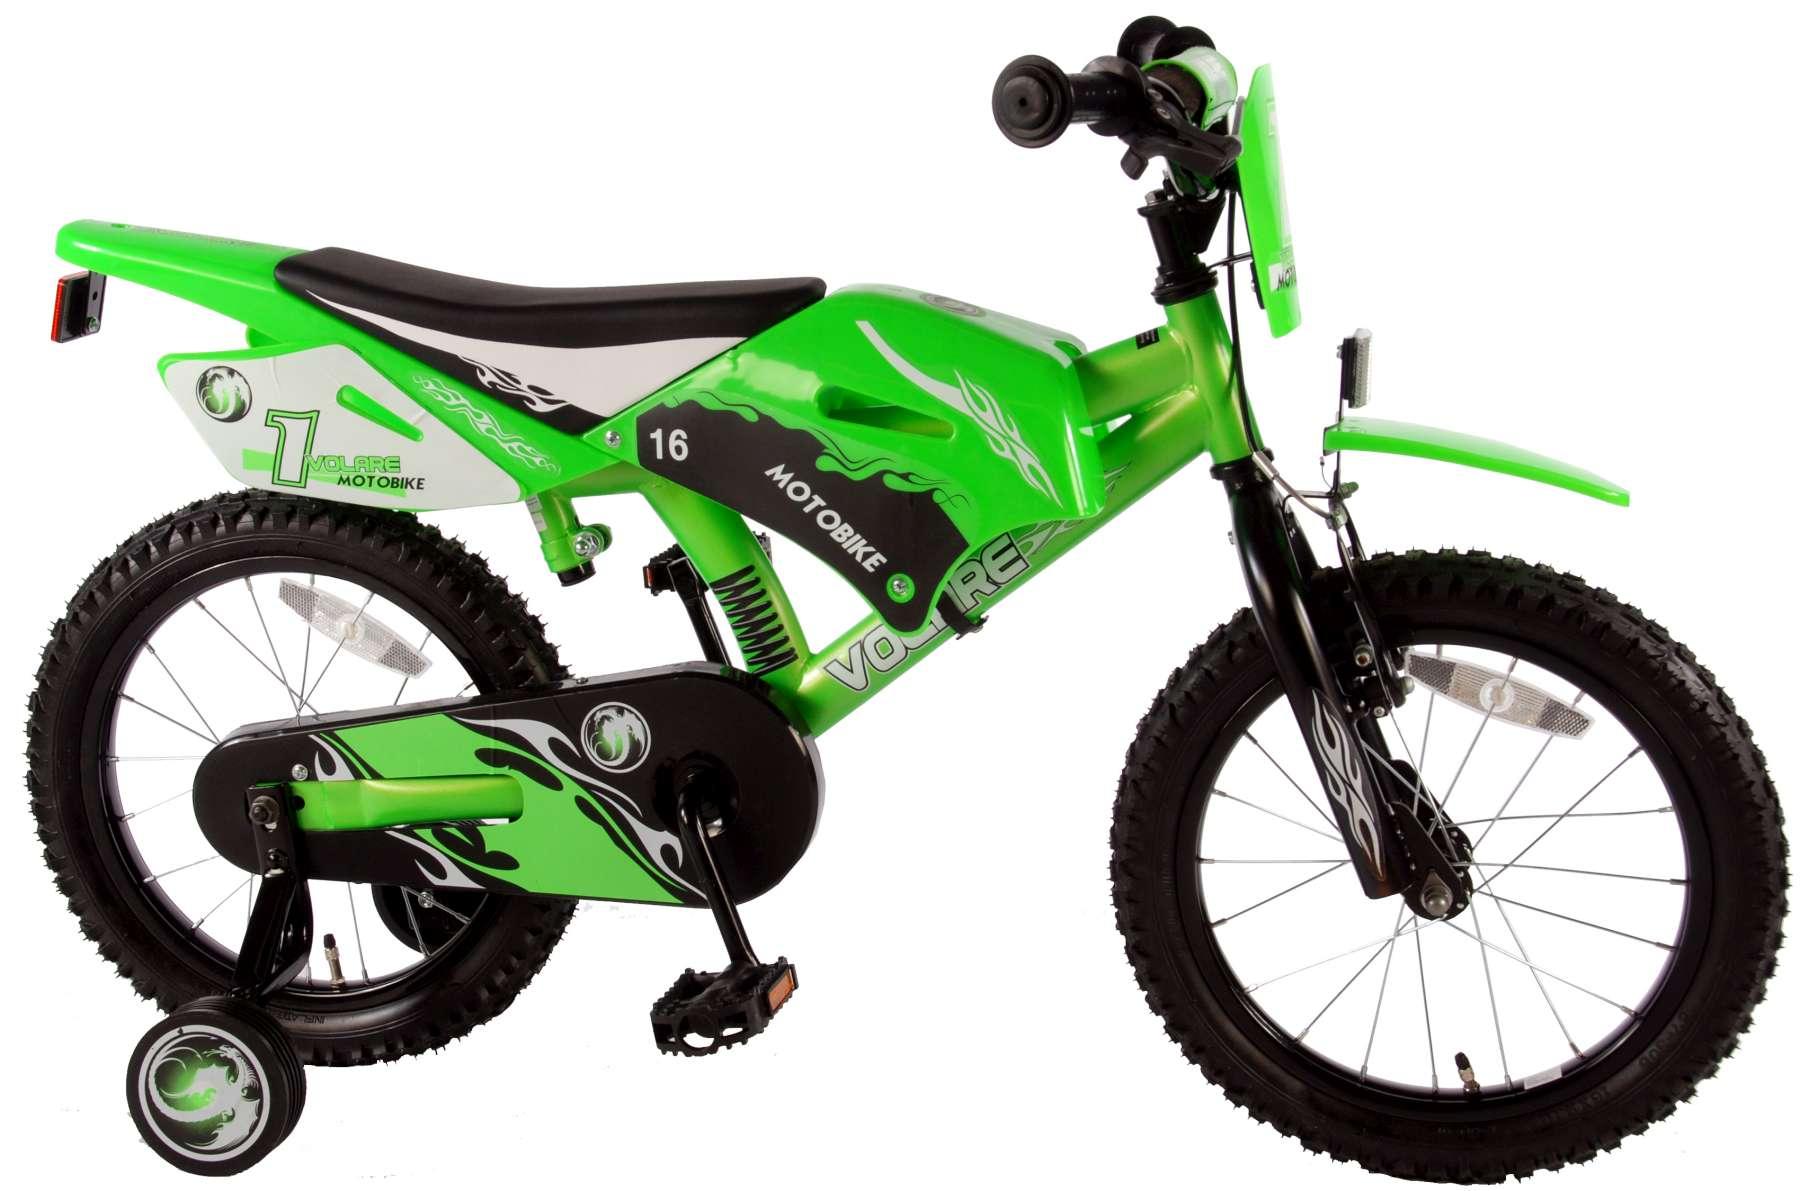 Volare Motobike Kinderfahrrad - Jungen - 16 Zoll - Grün